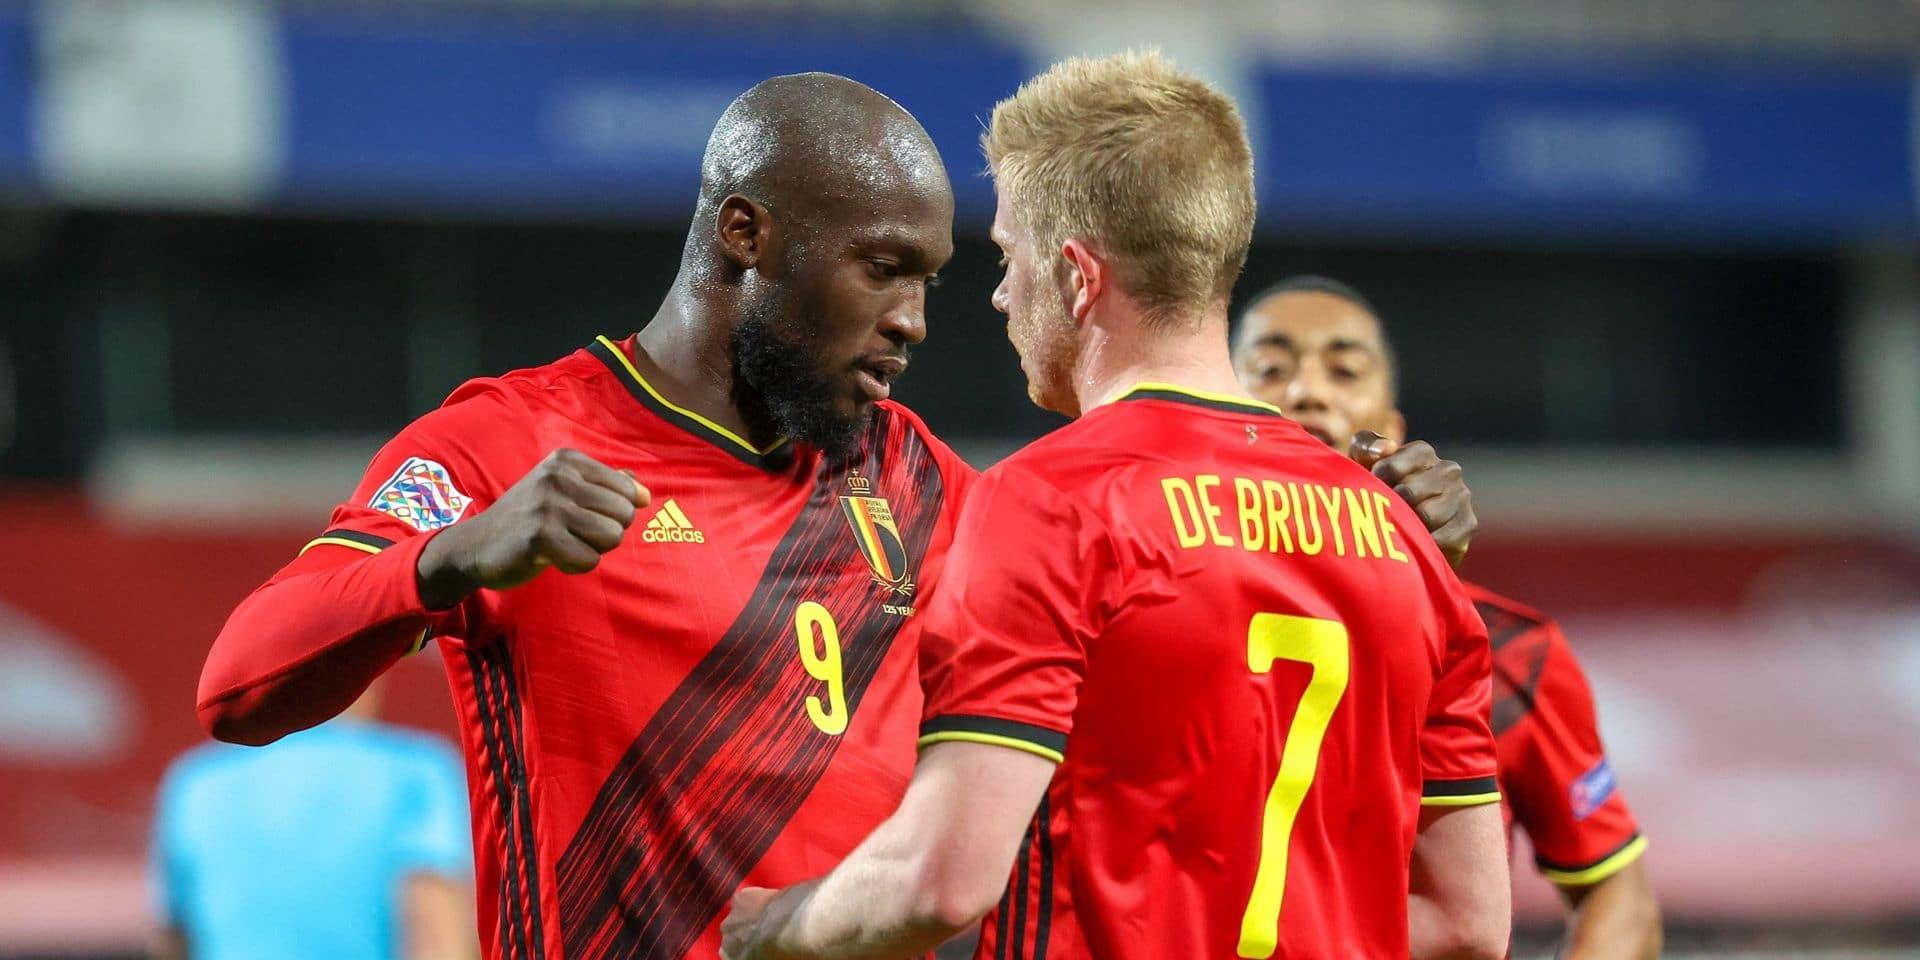 La Belgique toujours première au classement mondial de la FIFA